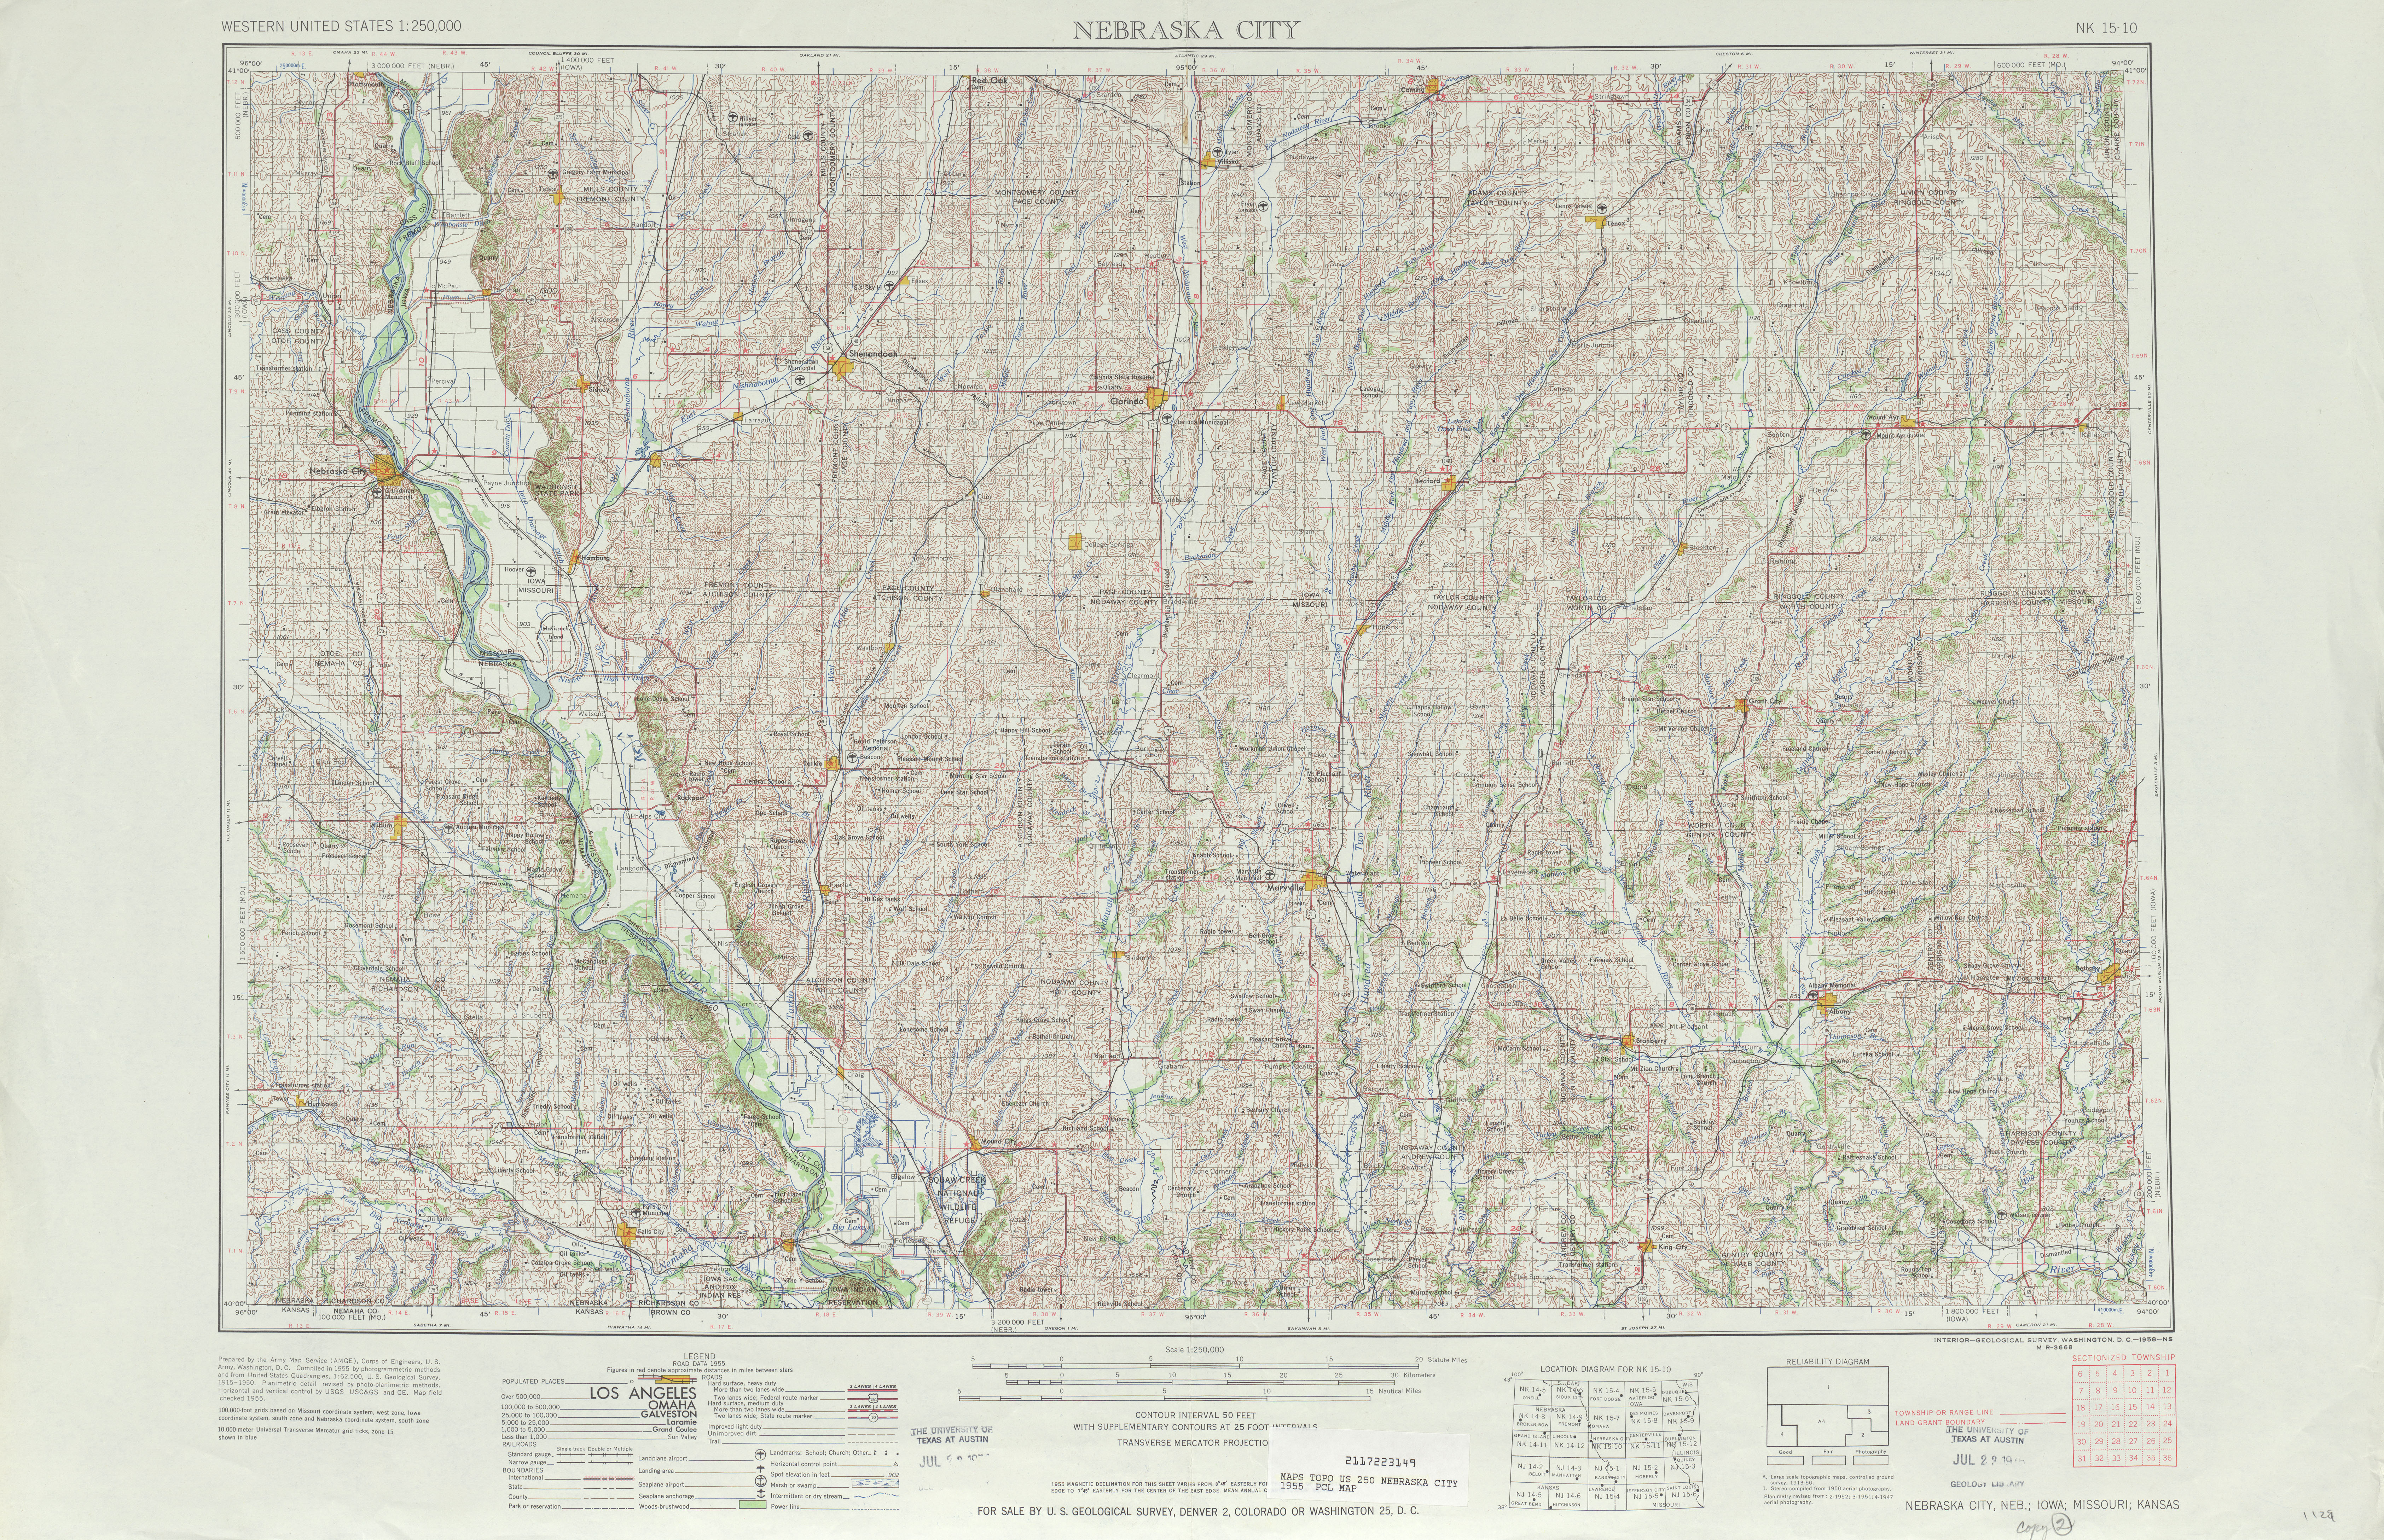 Hoja Nebraska City del Mapa Topográfico de los Estados Unidos 1955